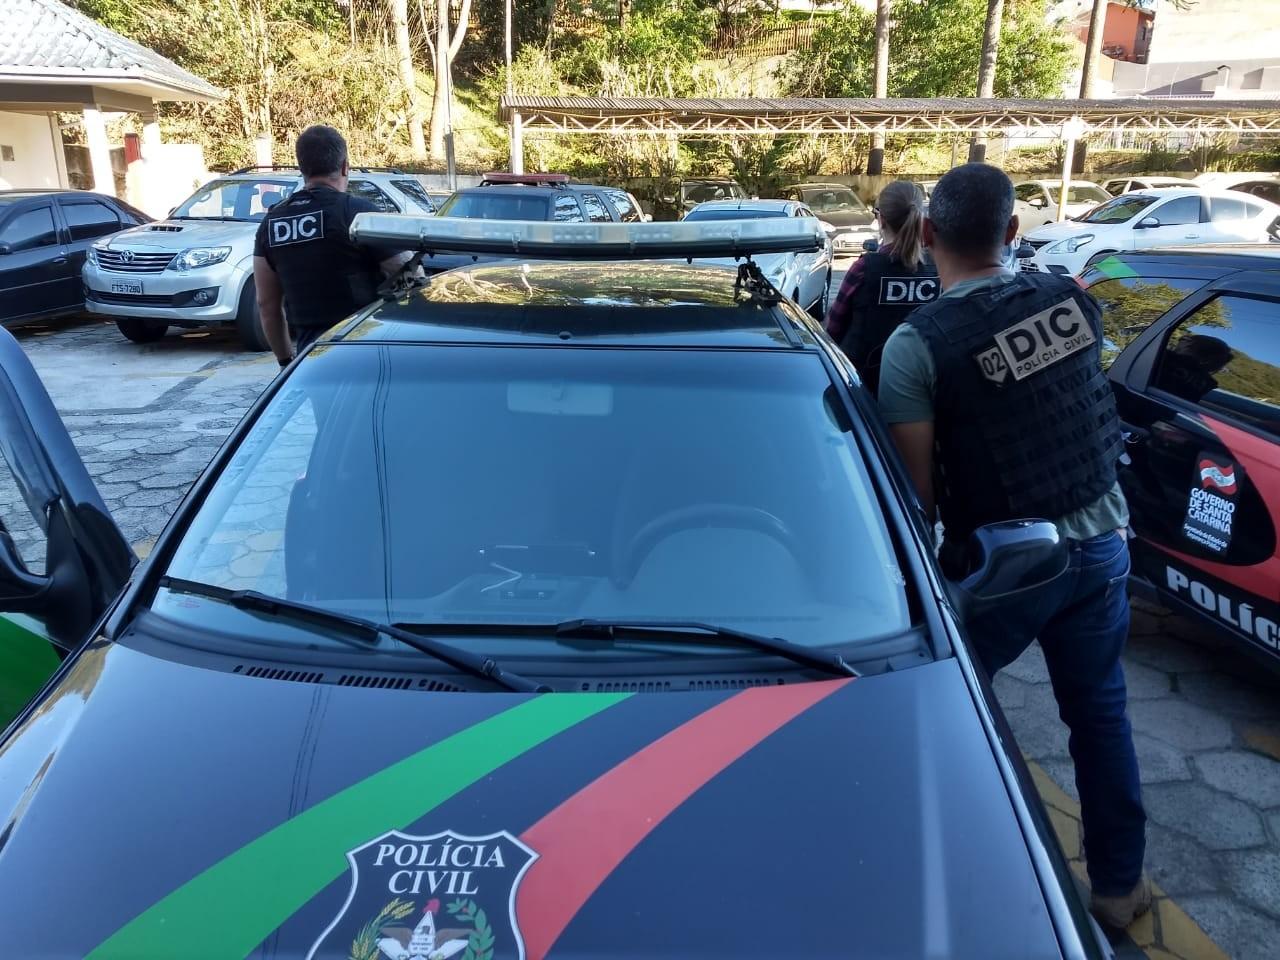 Advogado suspeito de matar pai e irmã em SC é transferido para presídio